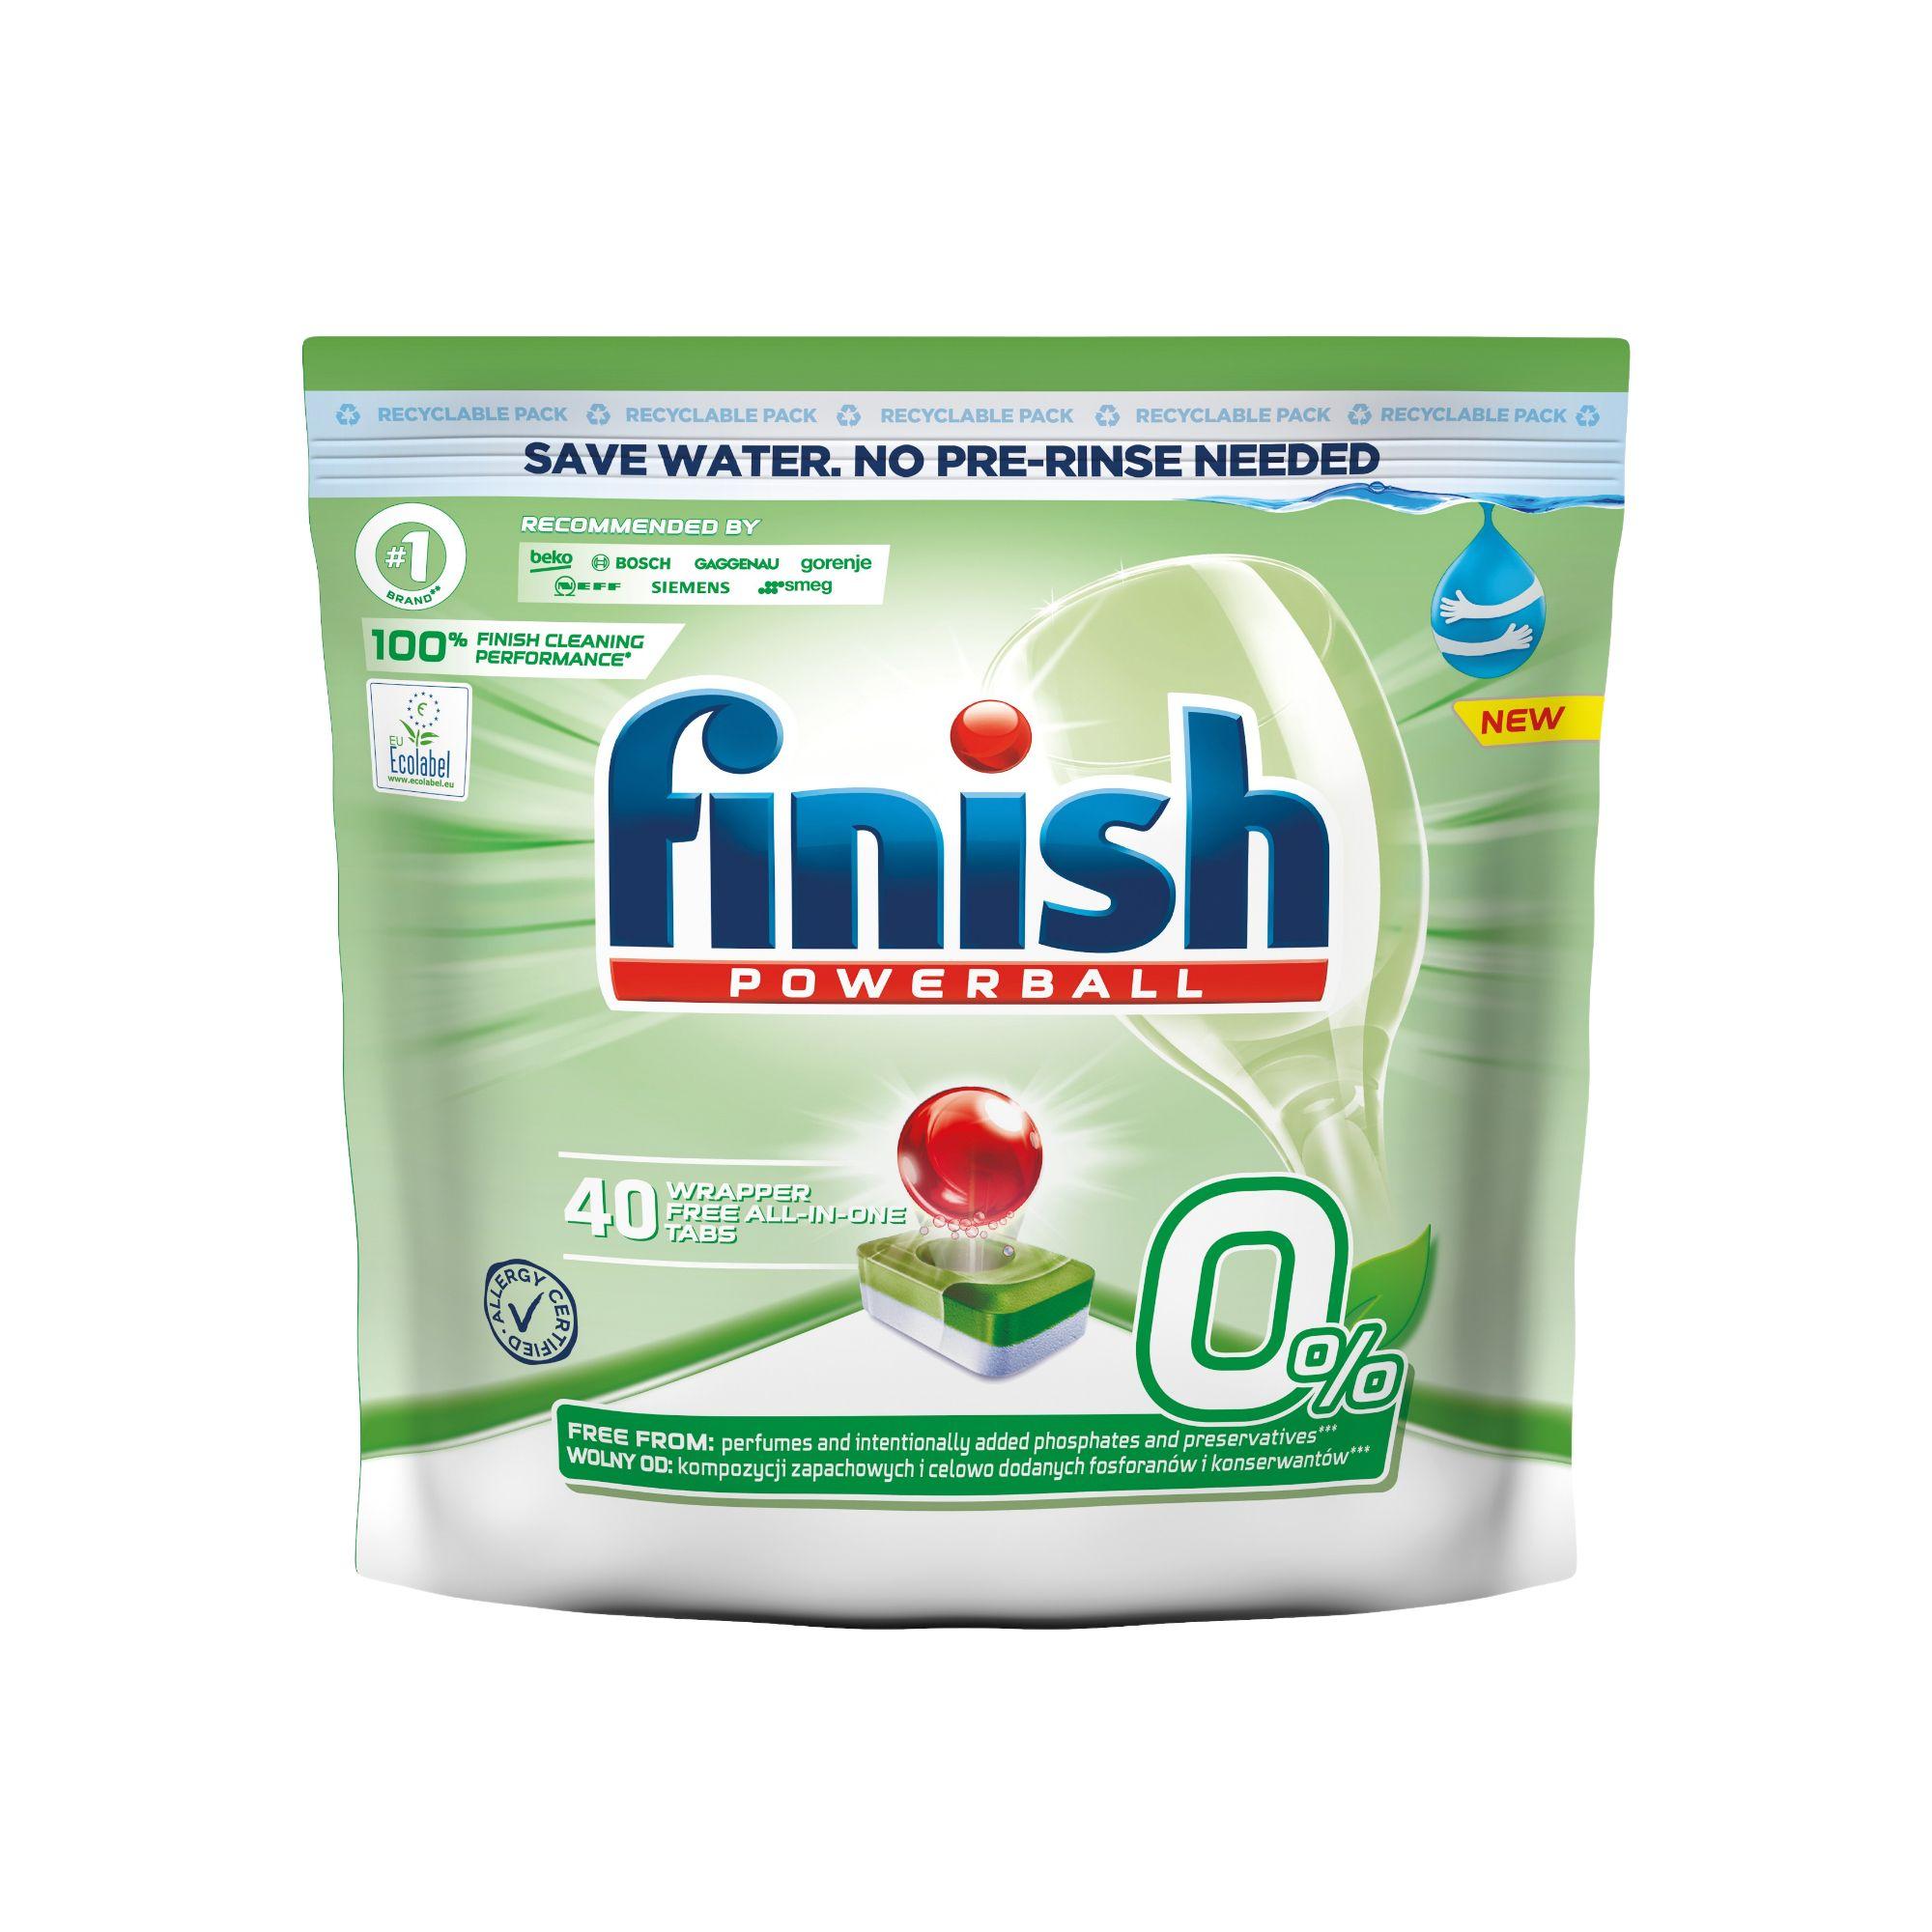 Finish 0% Powerball Green Eco tablety do myčky 40ks